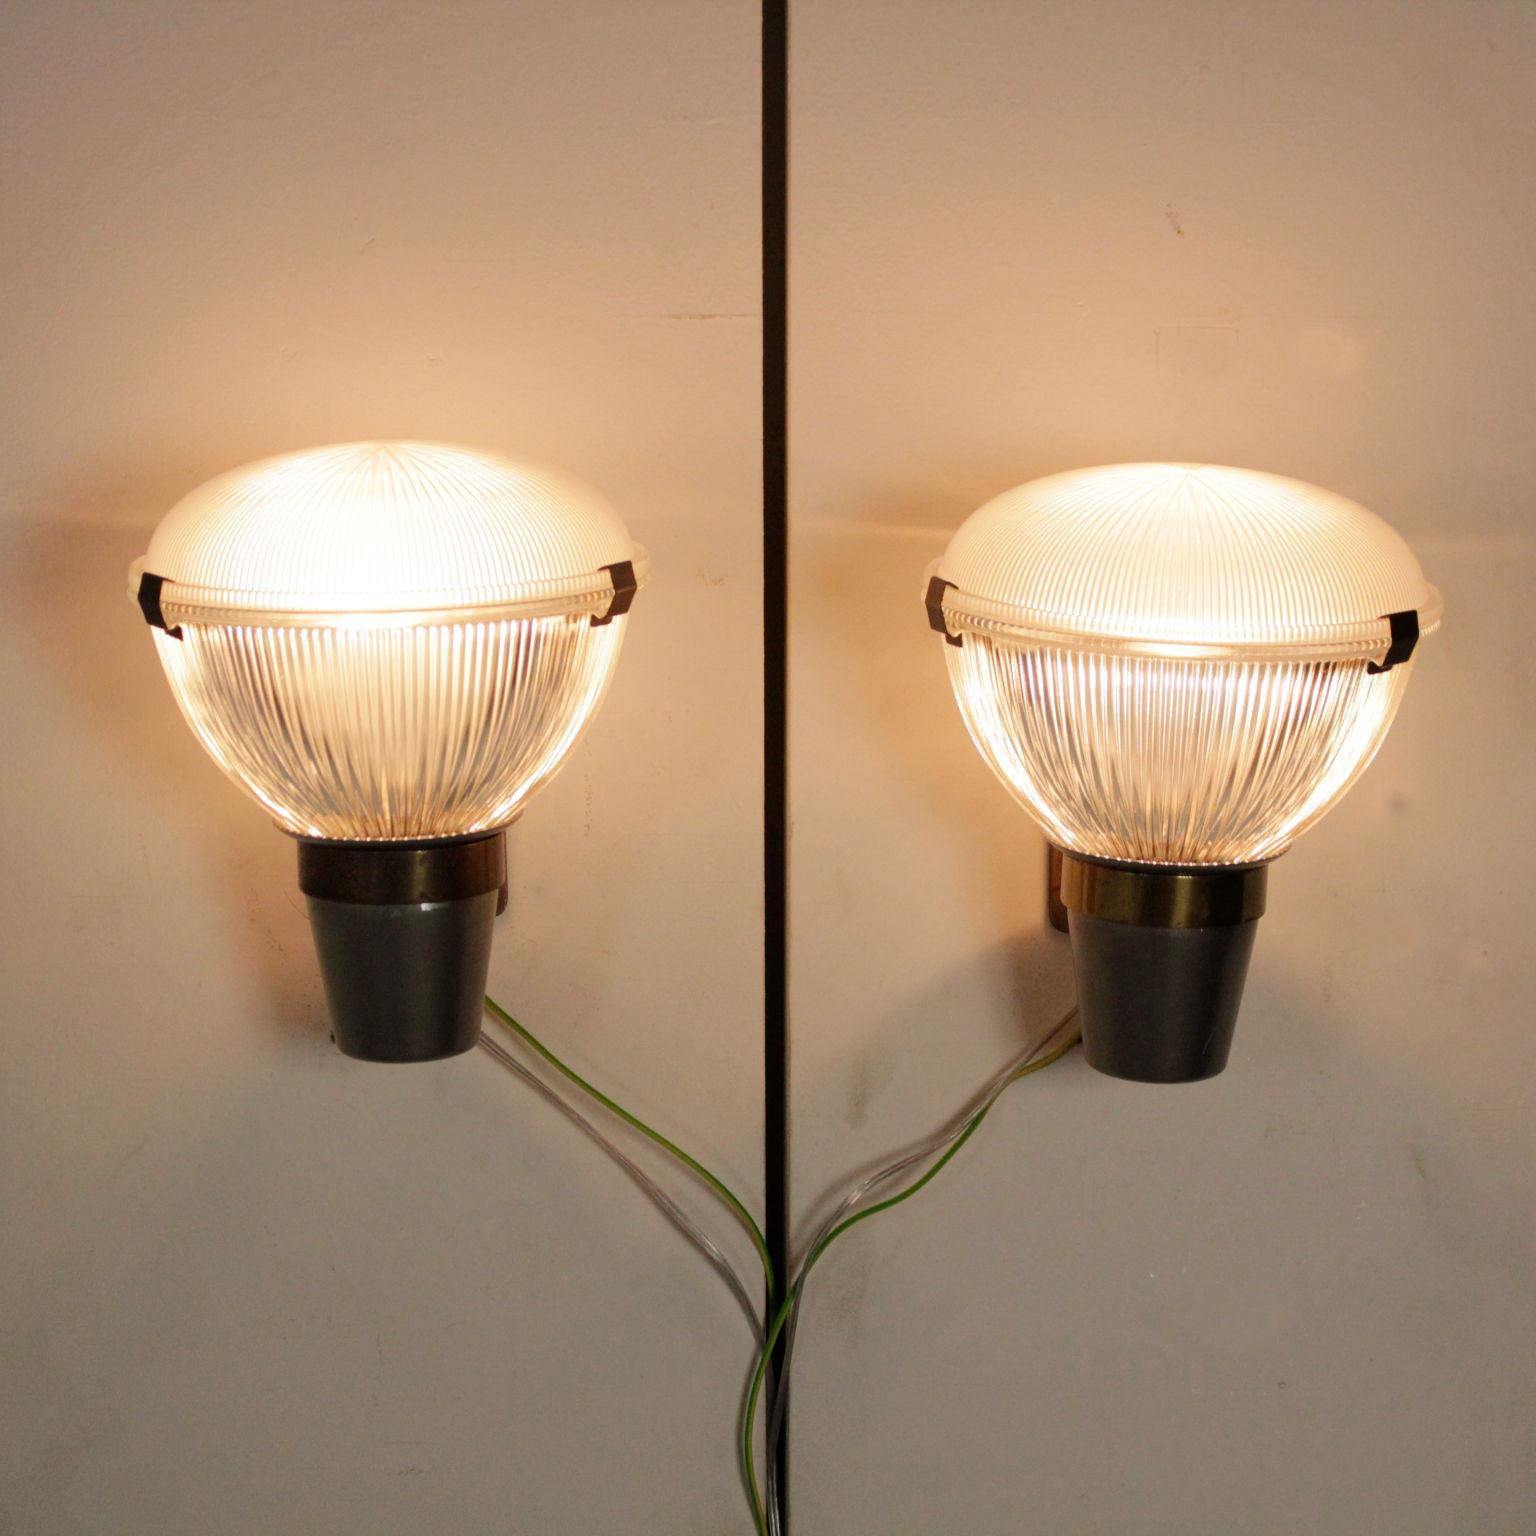 Lampade ignazio gardella illuminazione modernariato for Lampade modernariato